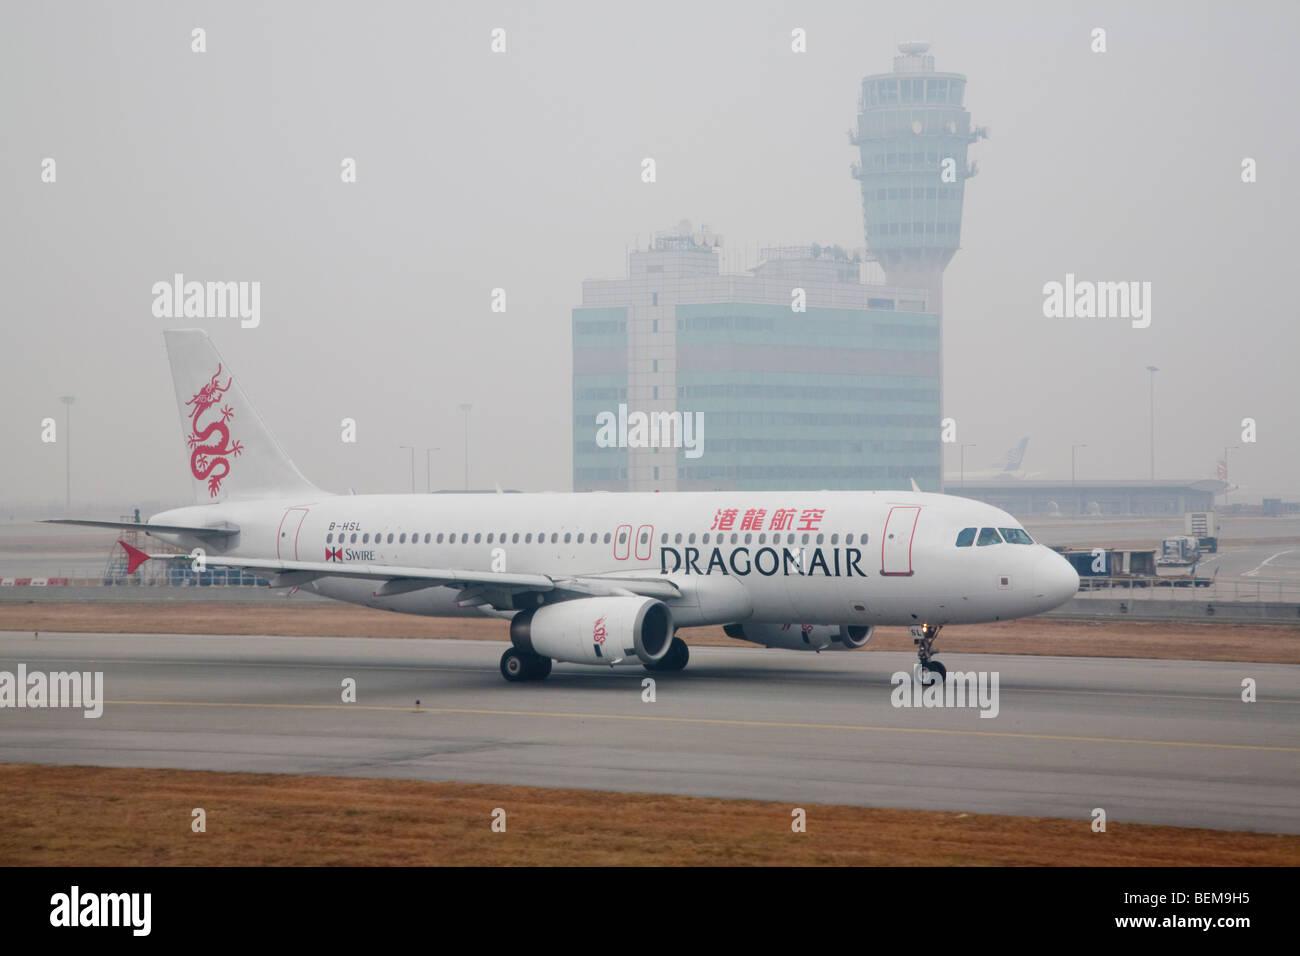 A DragonAir Airbus A320 airplane at runway. DragonAir is Hong Kong's domestic airline. Hong Kong, People's Republic Stock Photo